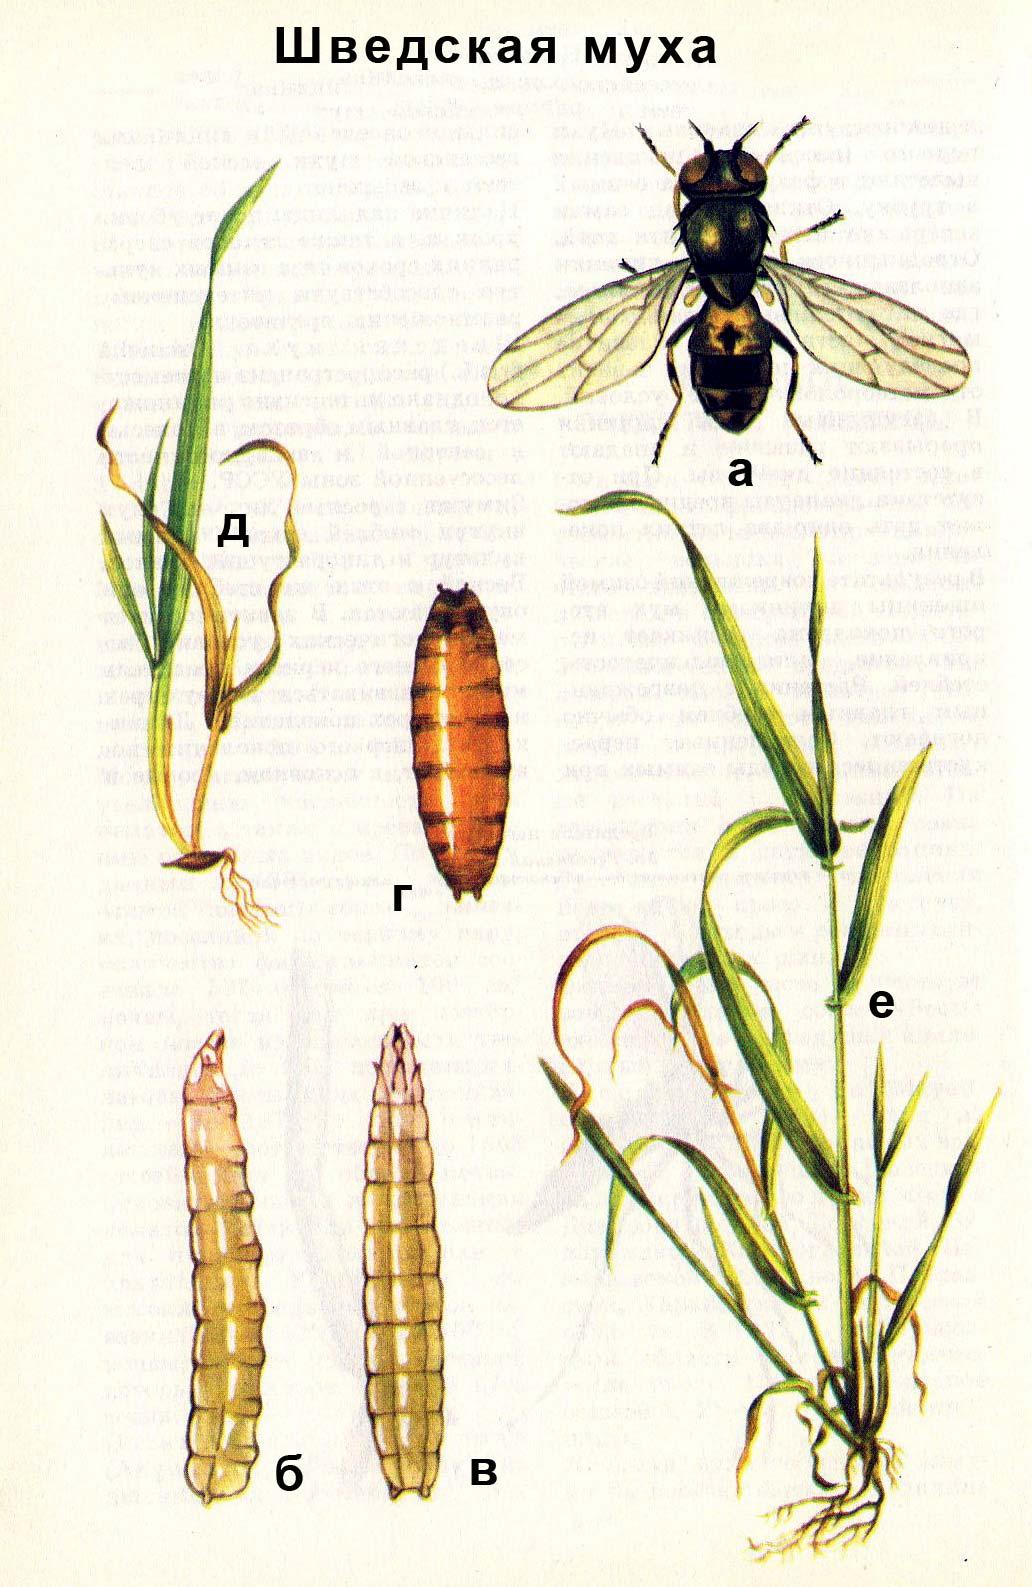 Шведская муха: а) взрослое насекомое; б) личинка сбоку; в) личинка сверху; г) ложнококон; д, е) повреждения растения